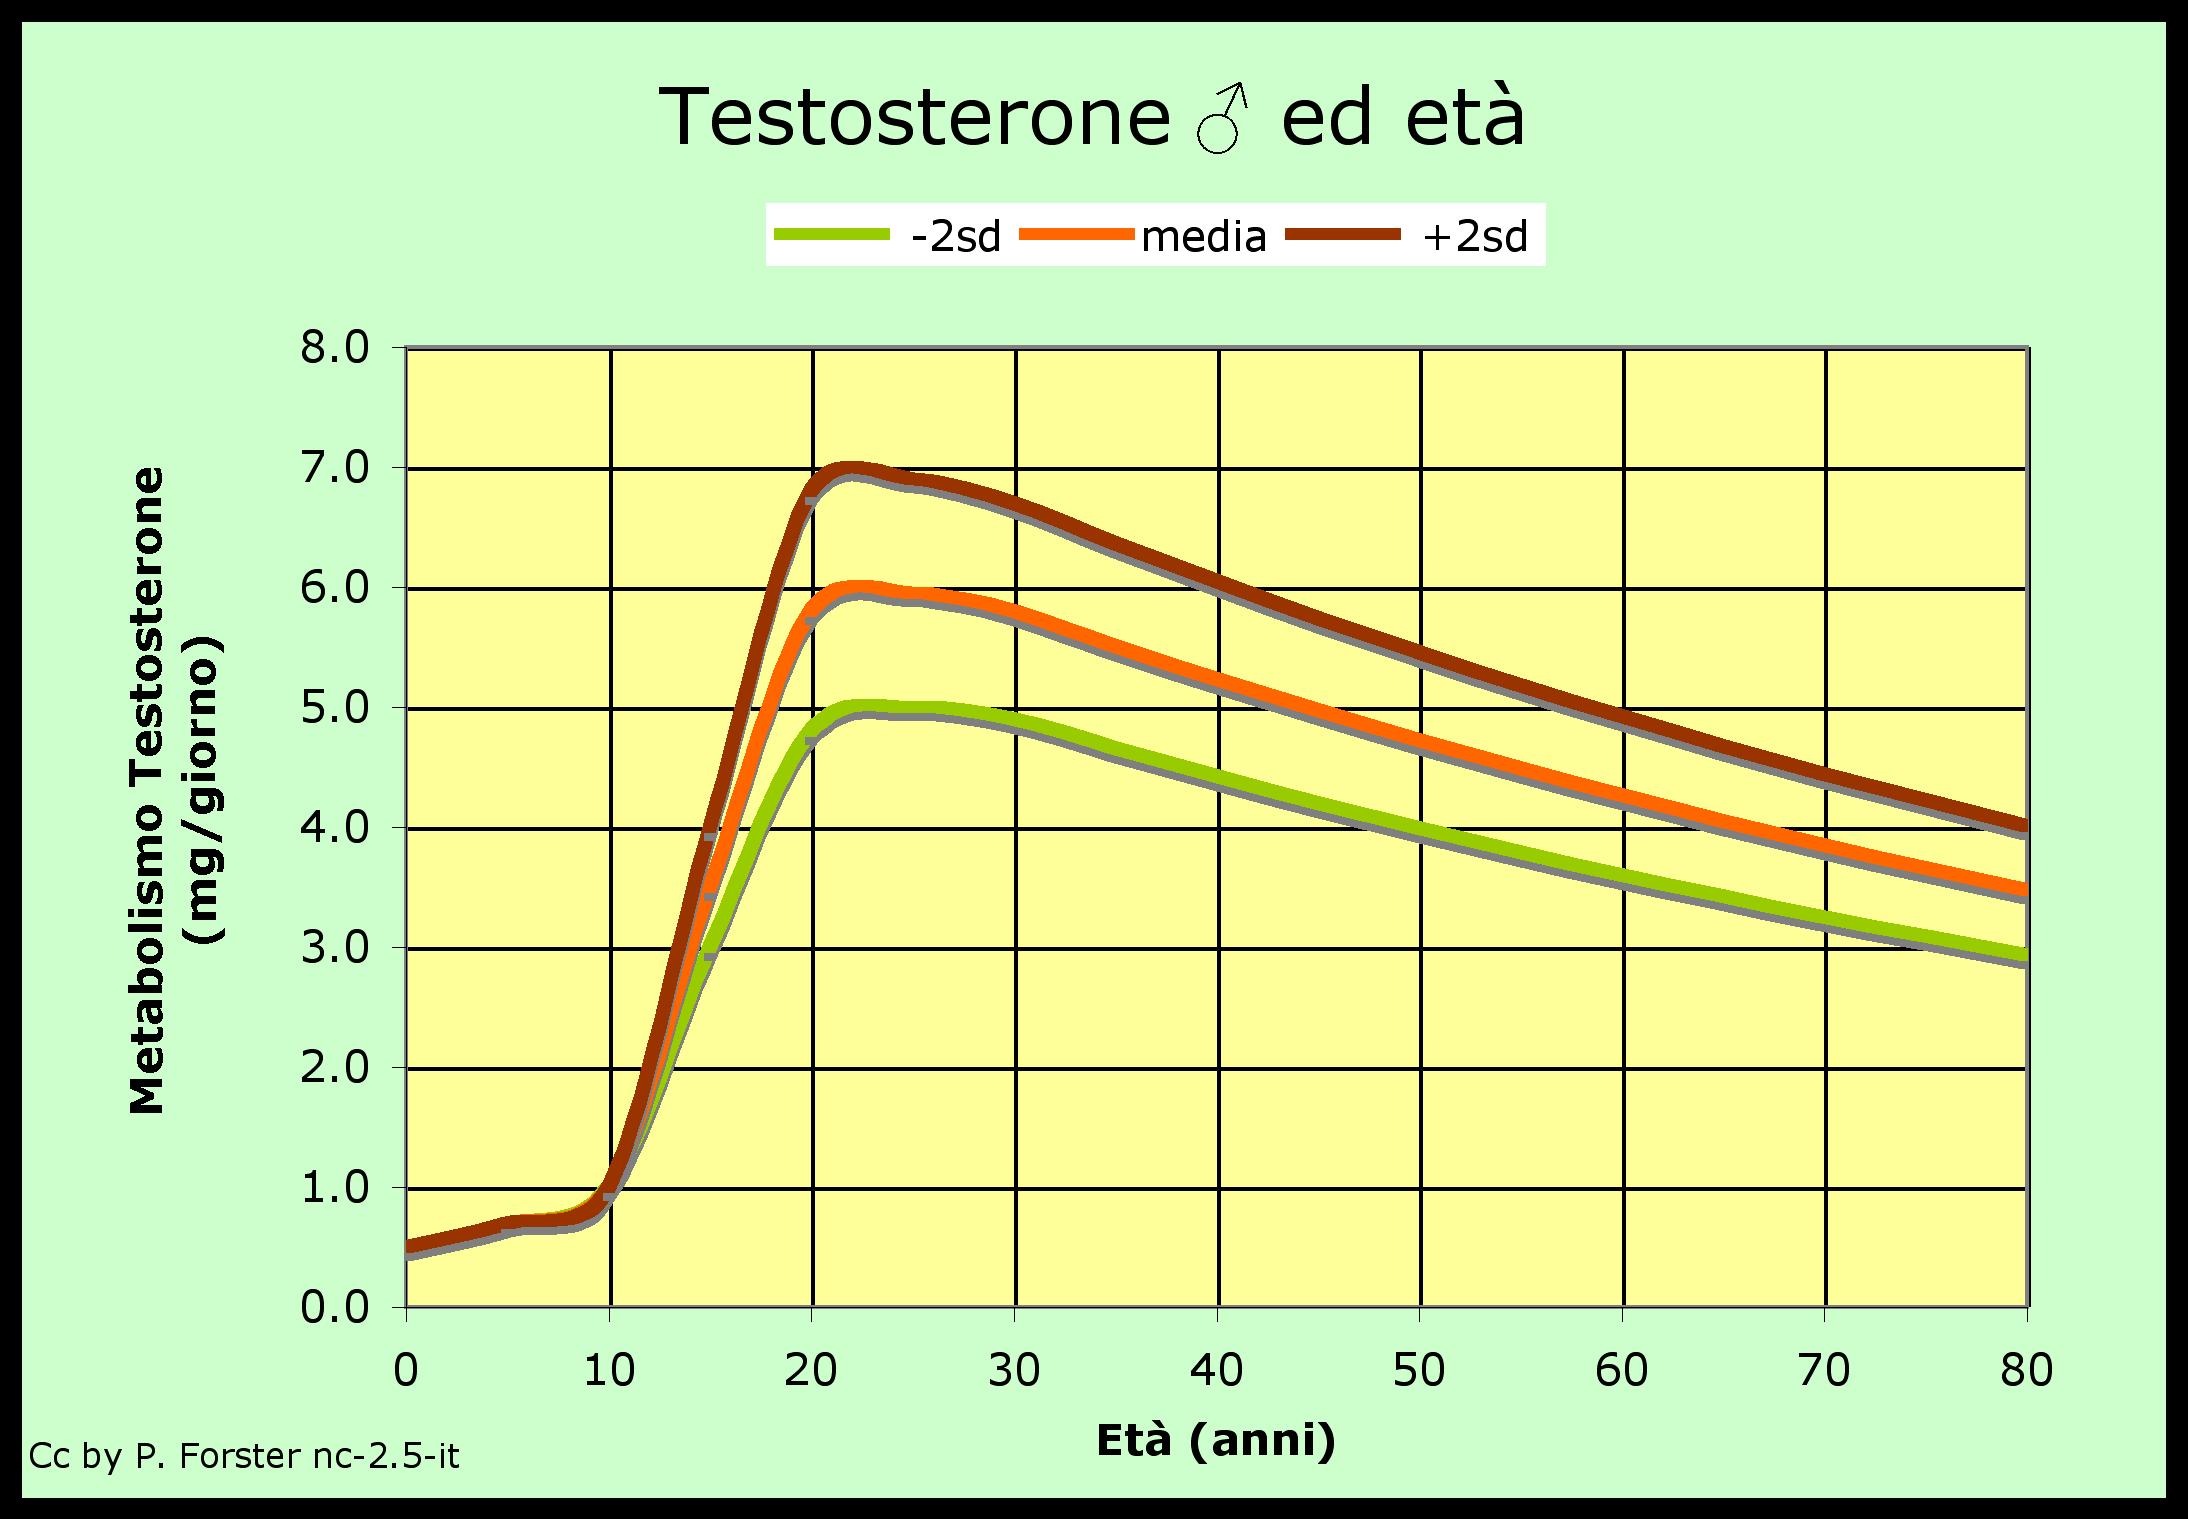 crescita del pene dal testosterone)